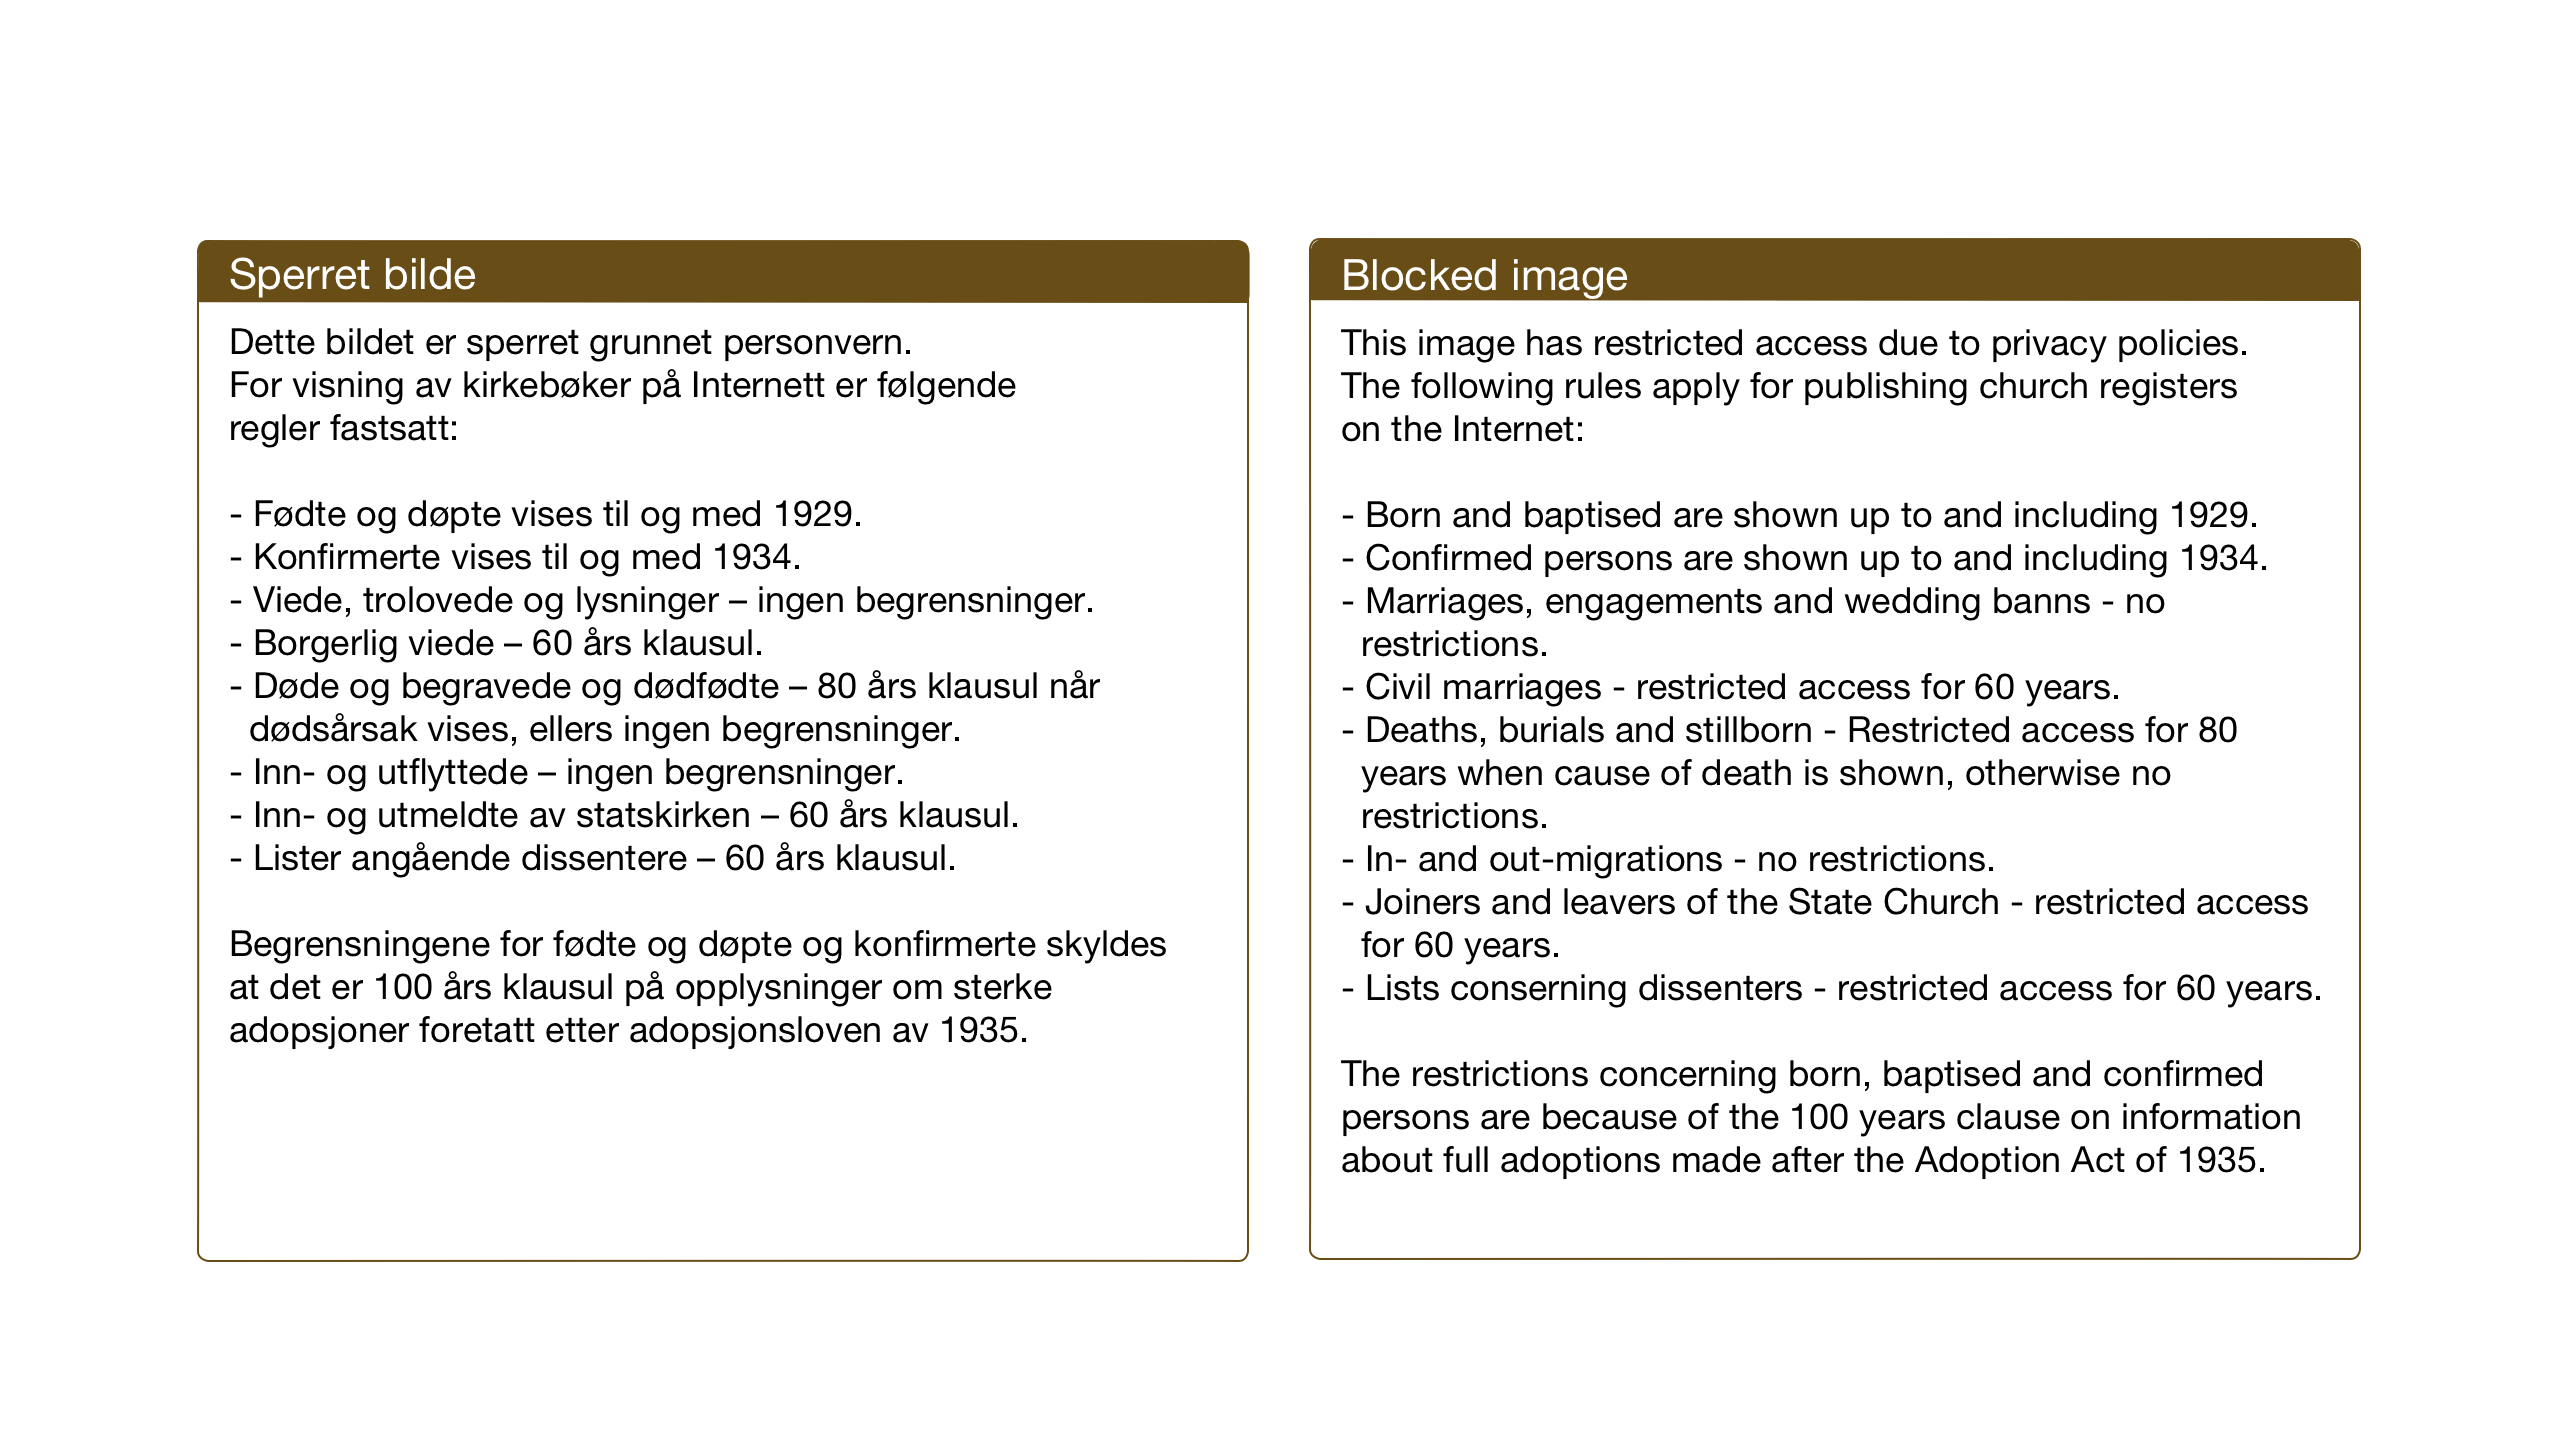 SAT, Ministerialprotokoller, klokkerbøker og fødselsregistre - Sør-Trøndelag, 655/L0690: Klokkerbok nr. 655C06, 1937-1950, s. 73